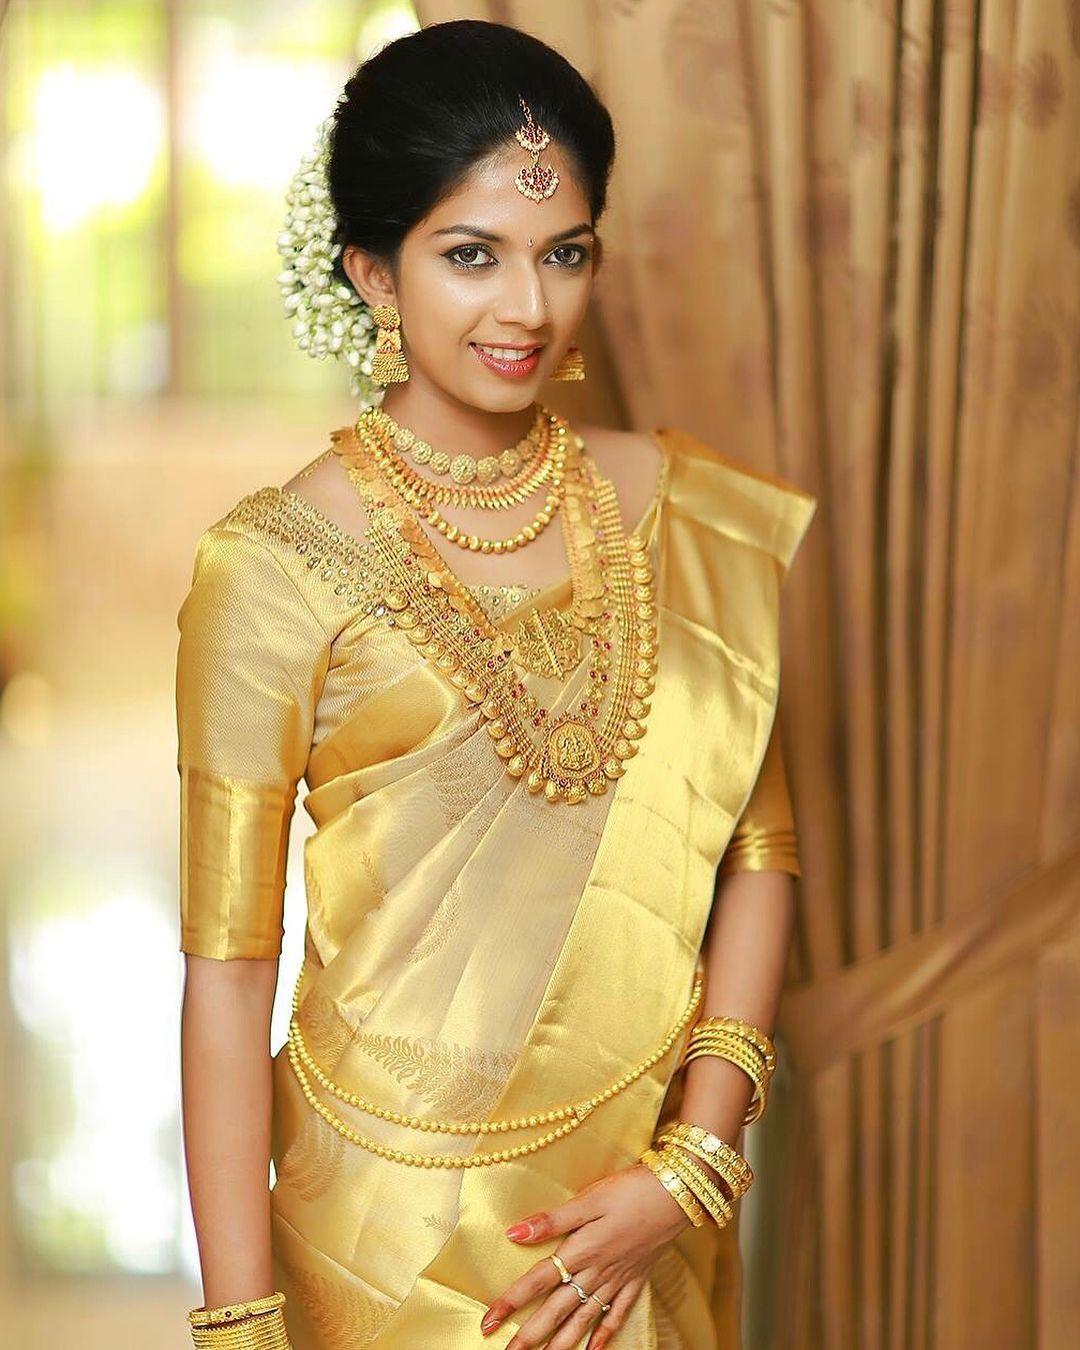 Kerala Bride Hindhu: Kerala Saree Blouse, Kerala Bride